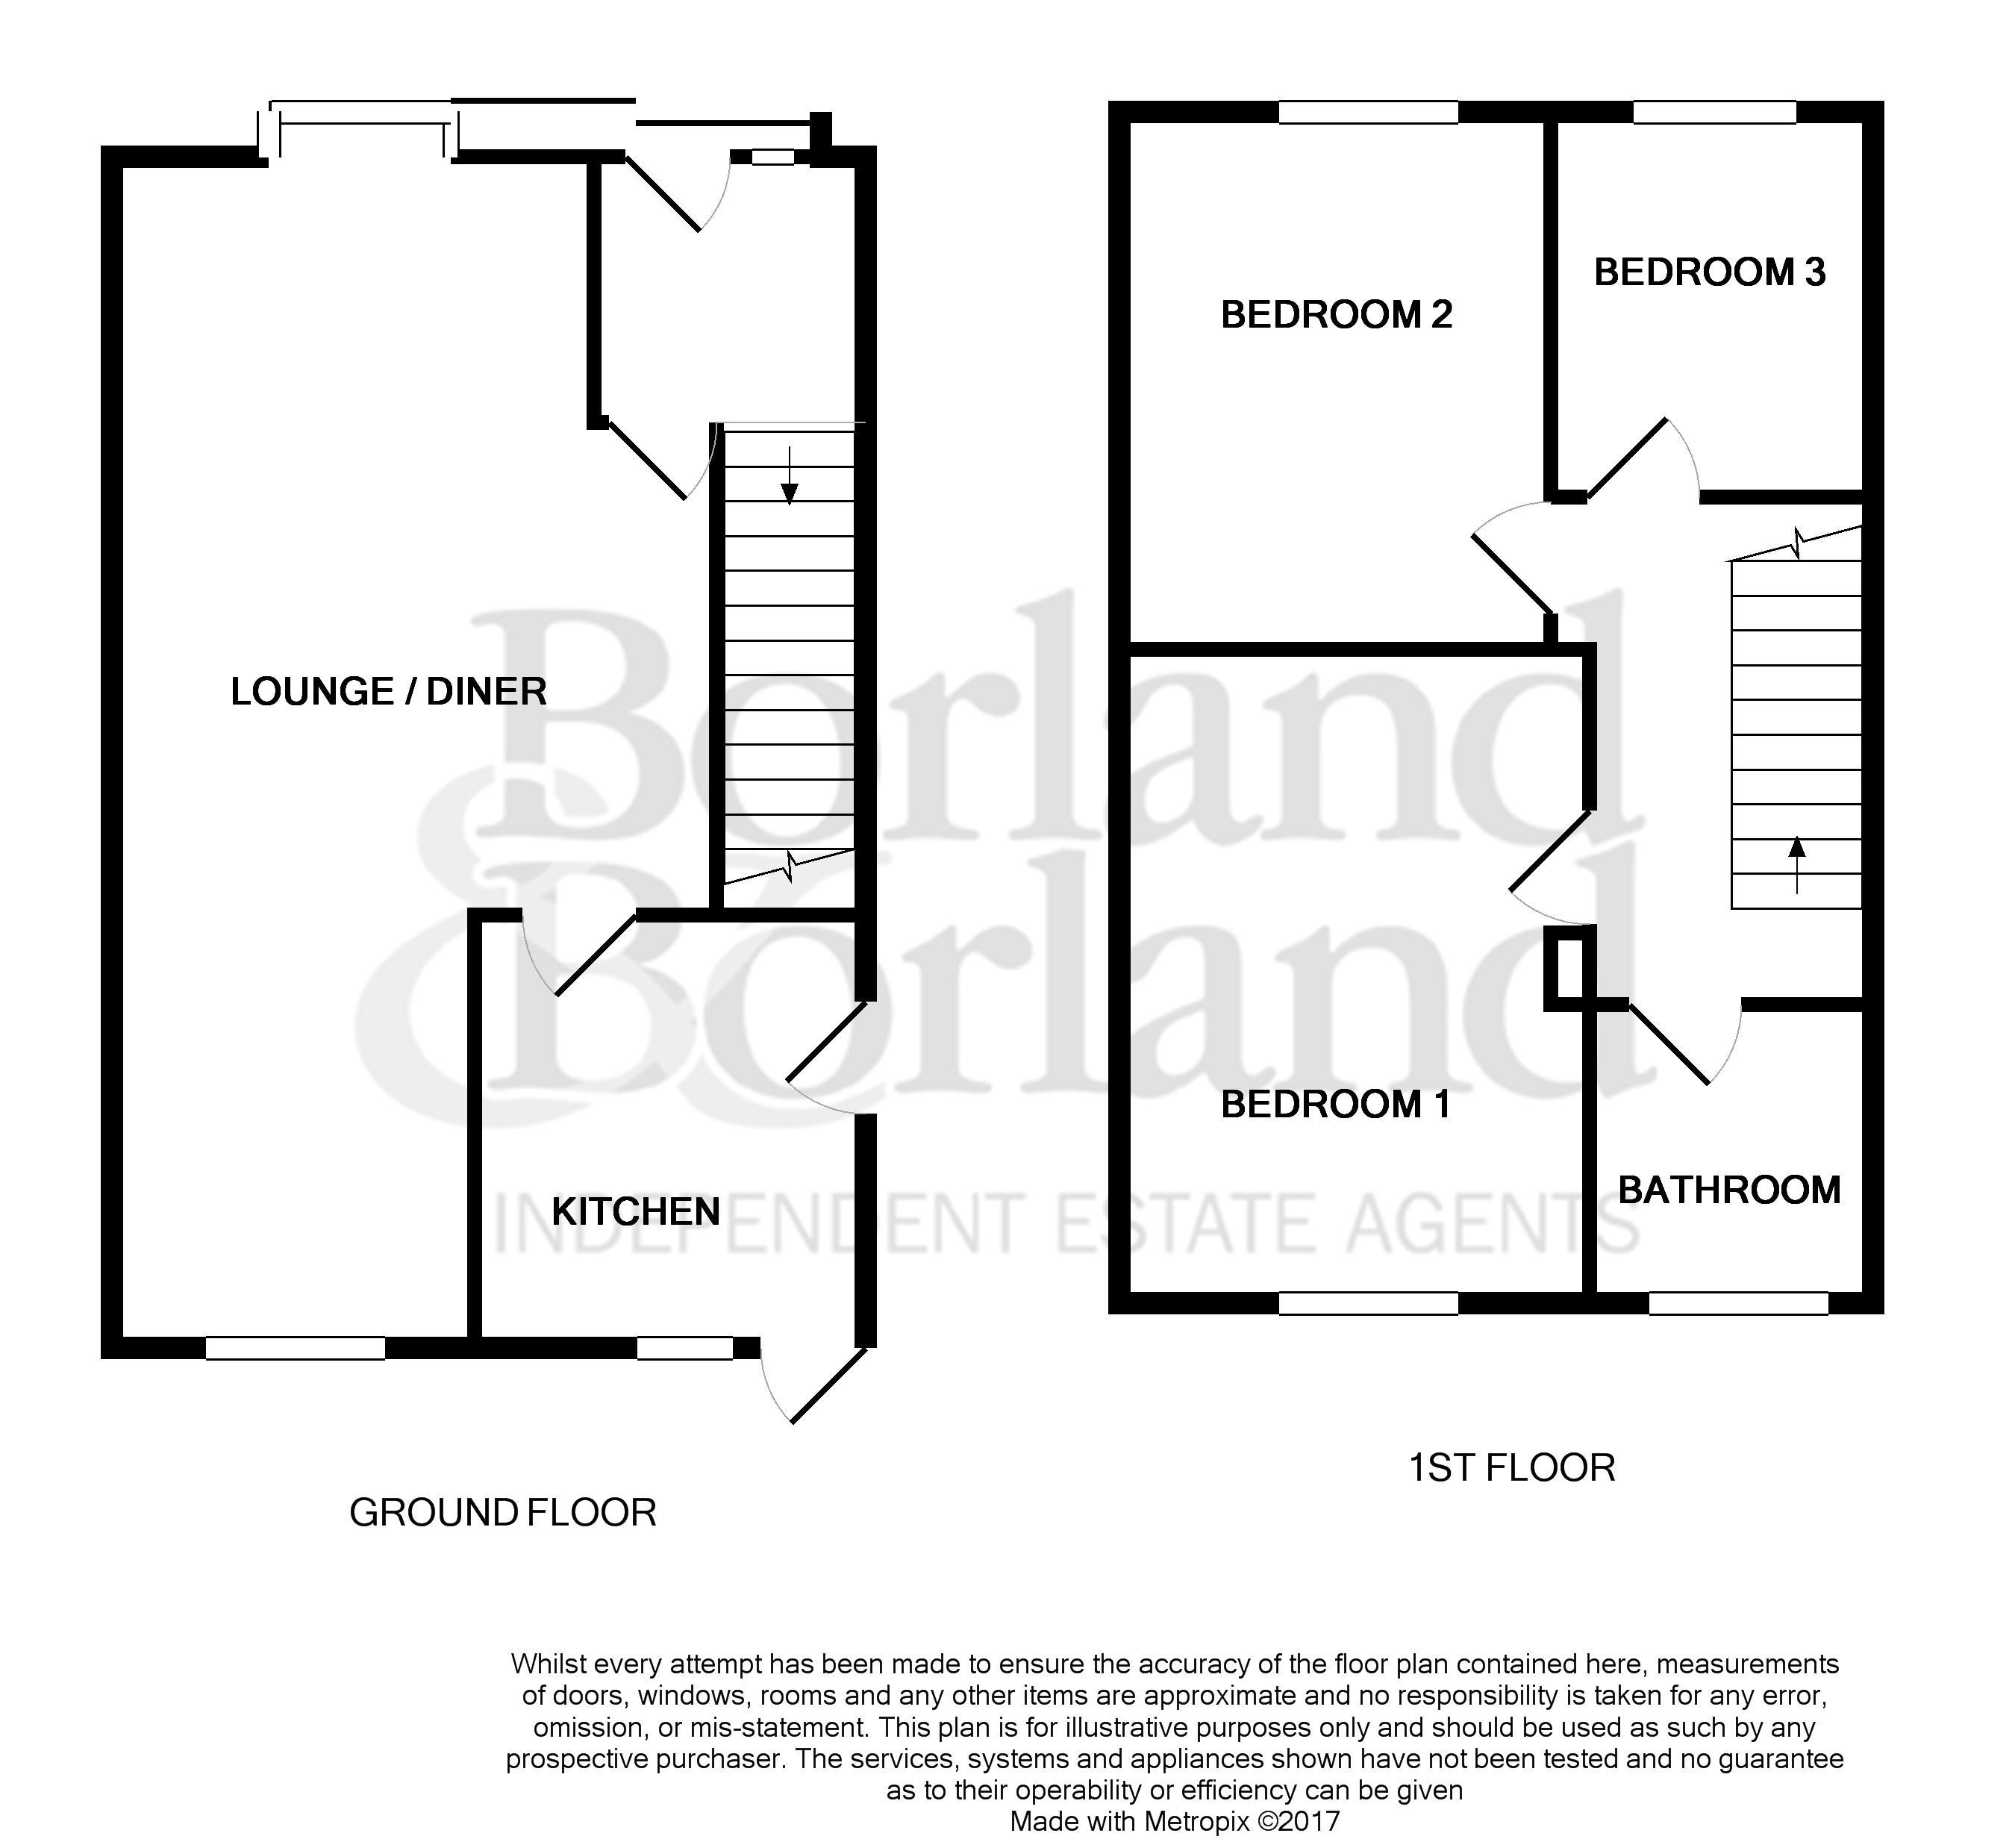 42 Highland Road Floorplan